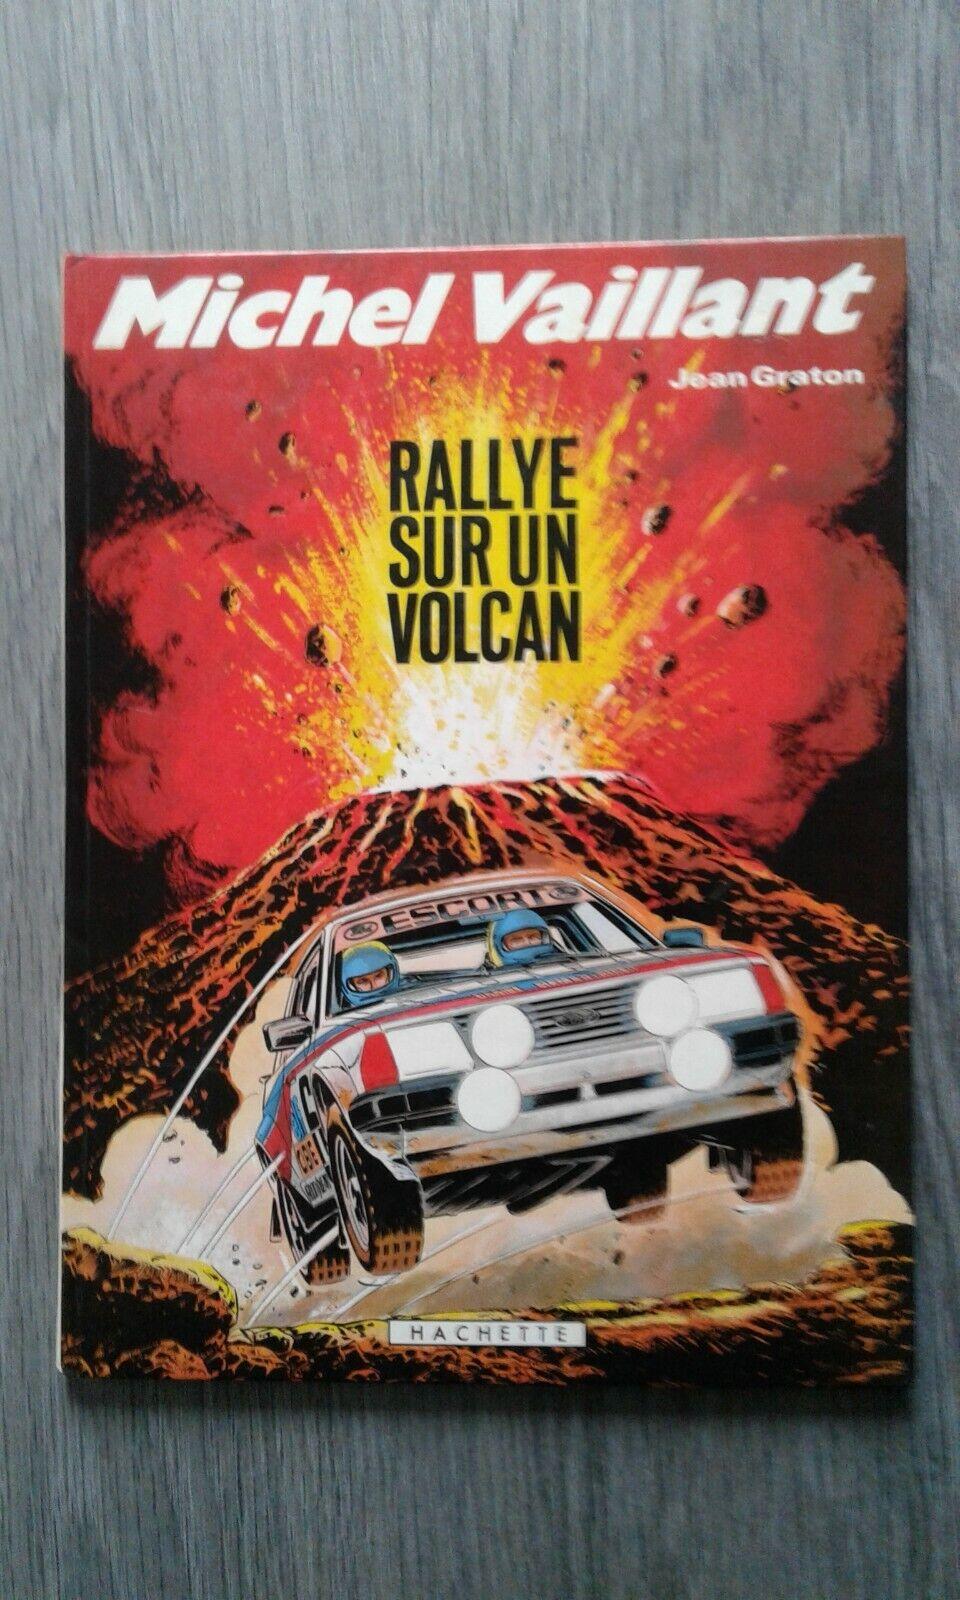 Michel vaillant ' rallye sur un volcan ' bd eo